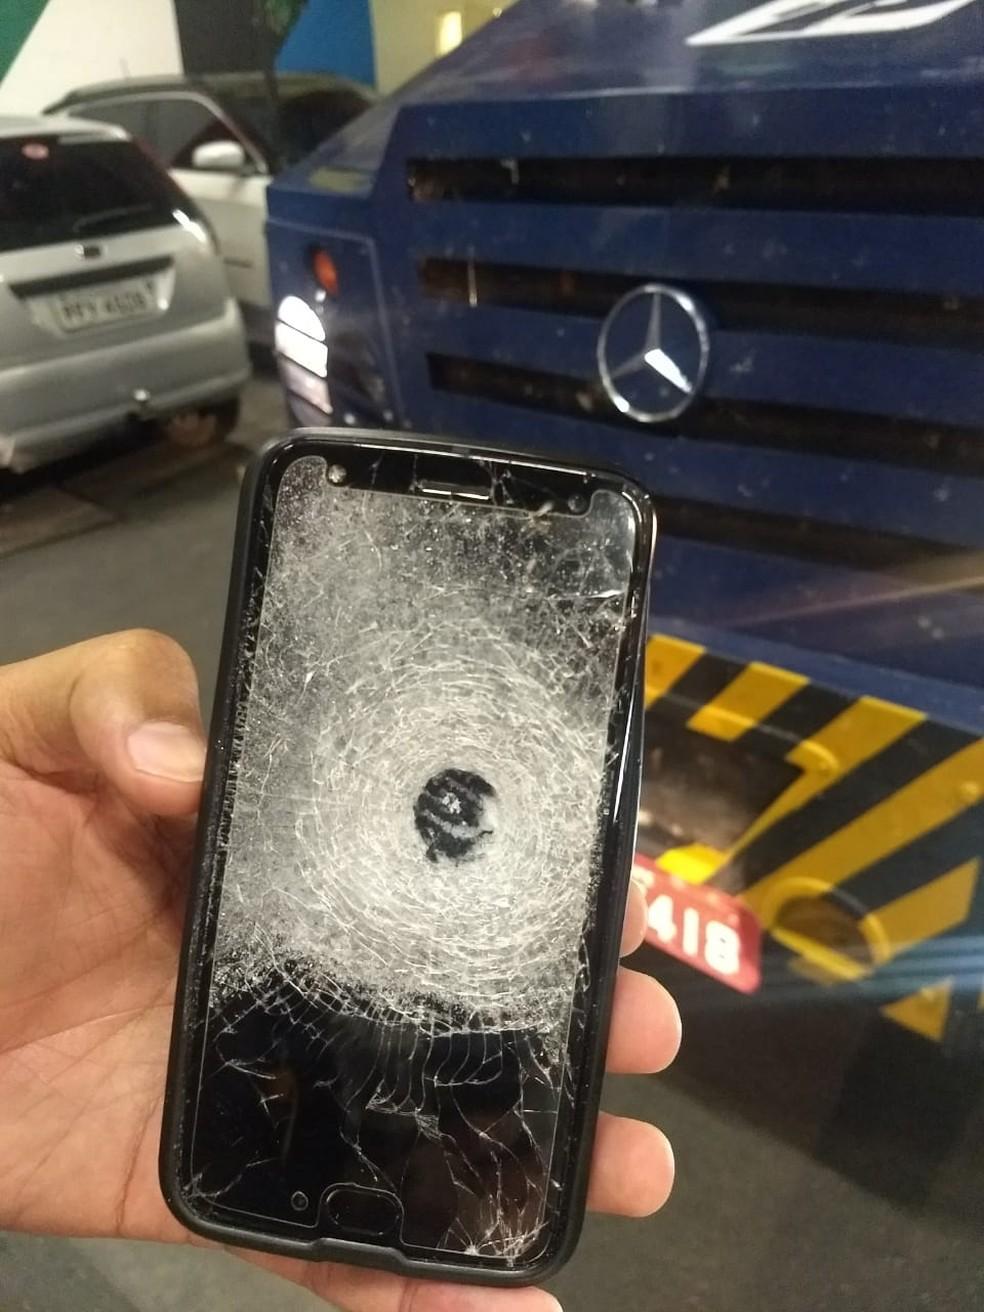 Celular atingido por tiro usado por vigilante — Foto: WhatsApp/Reprodução